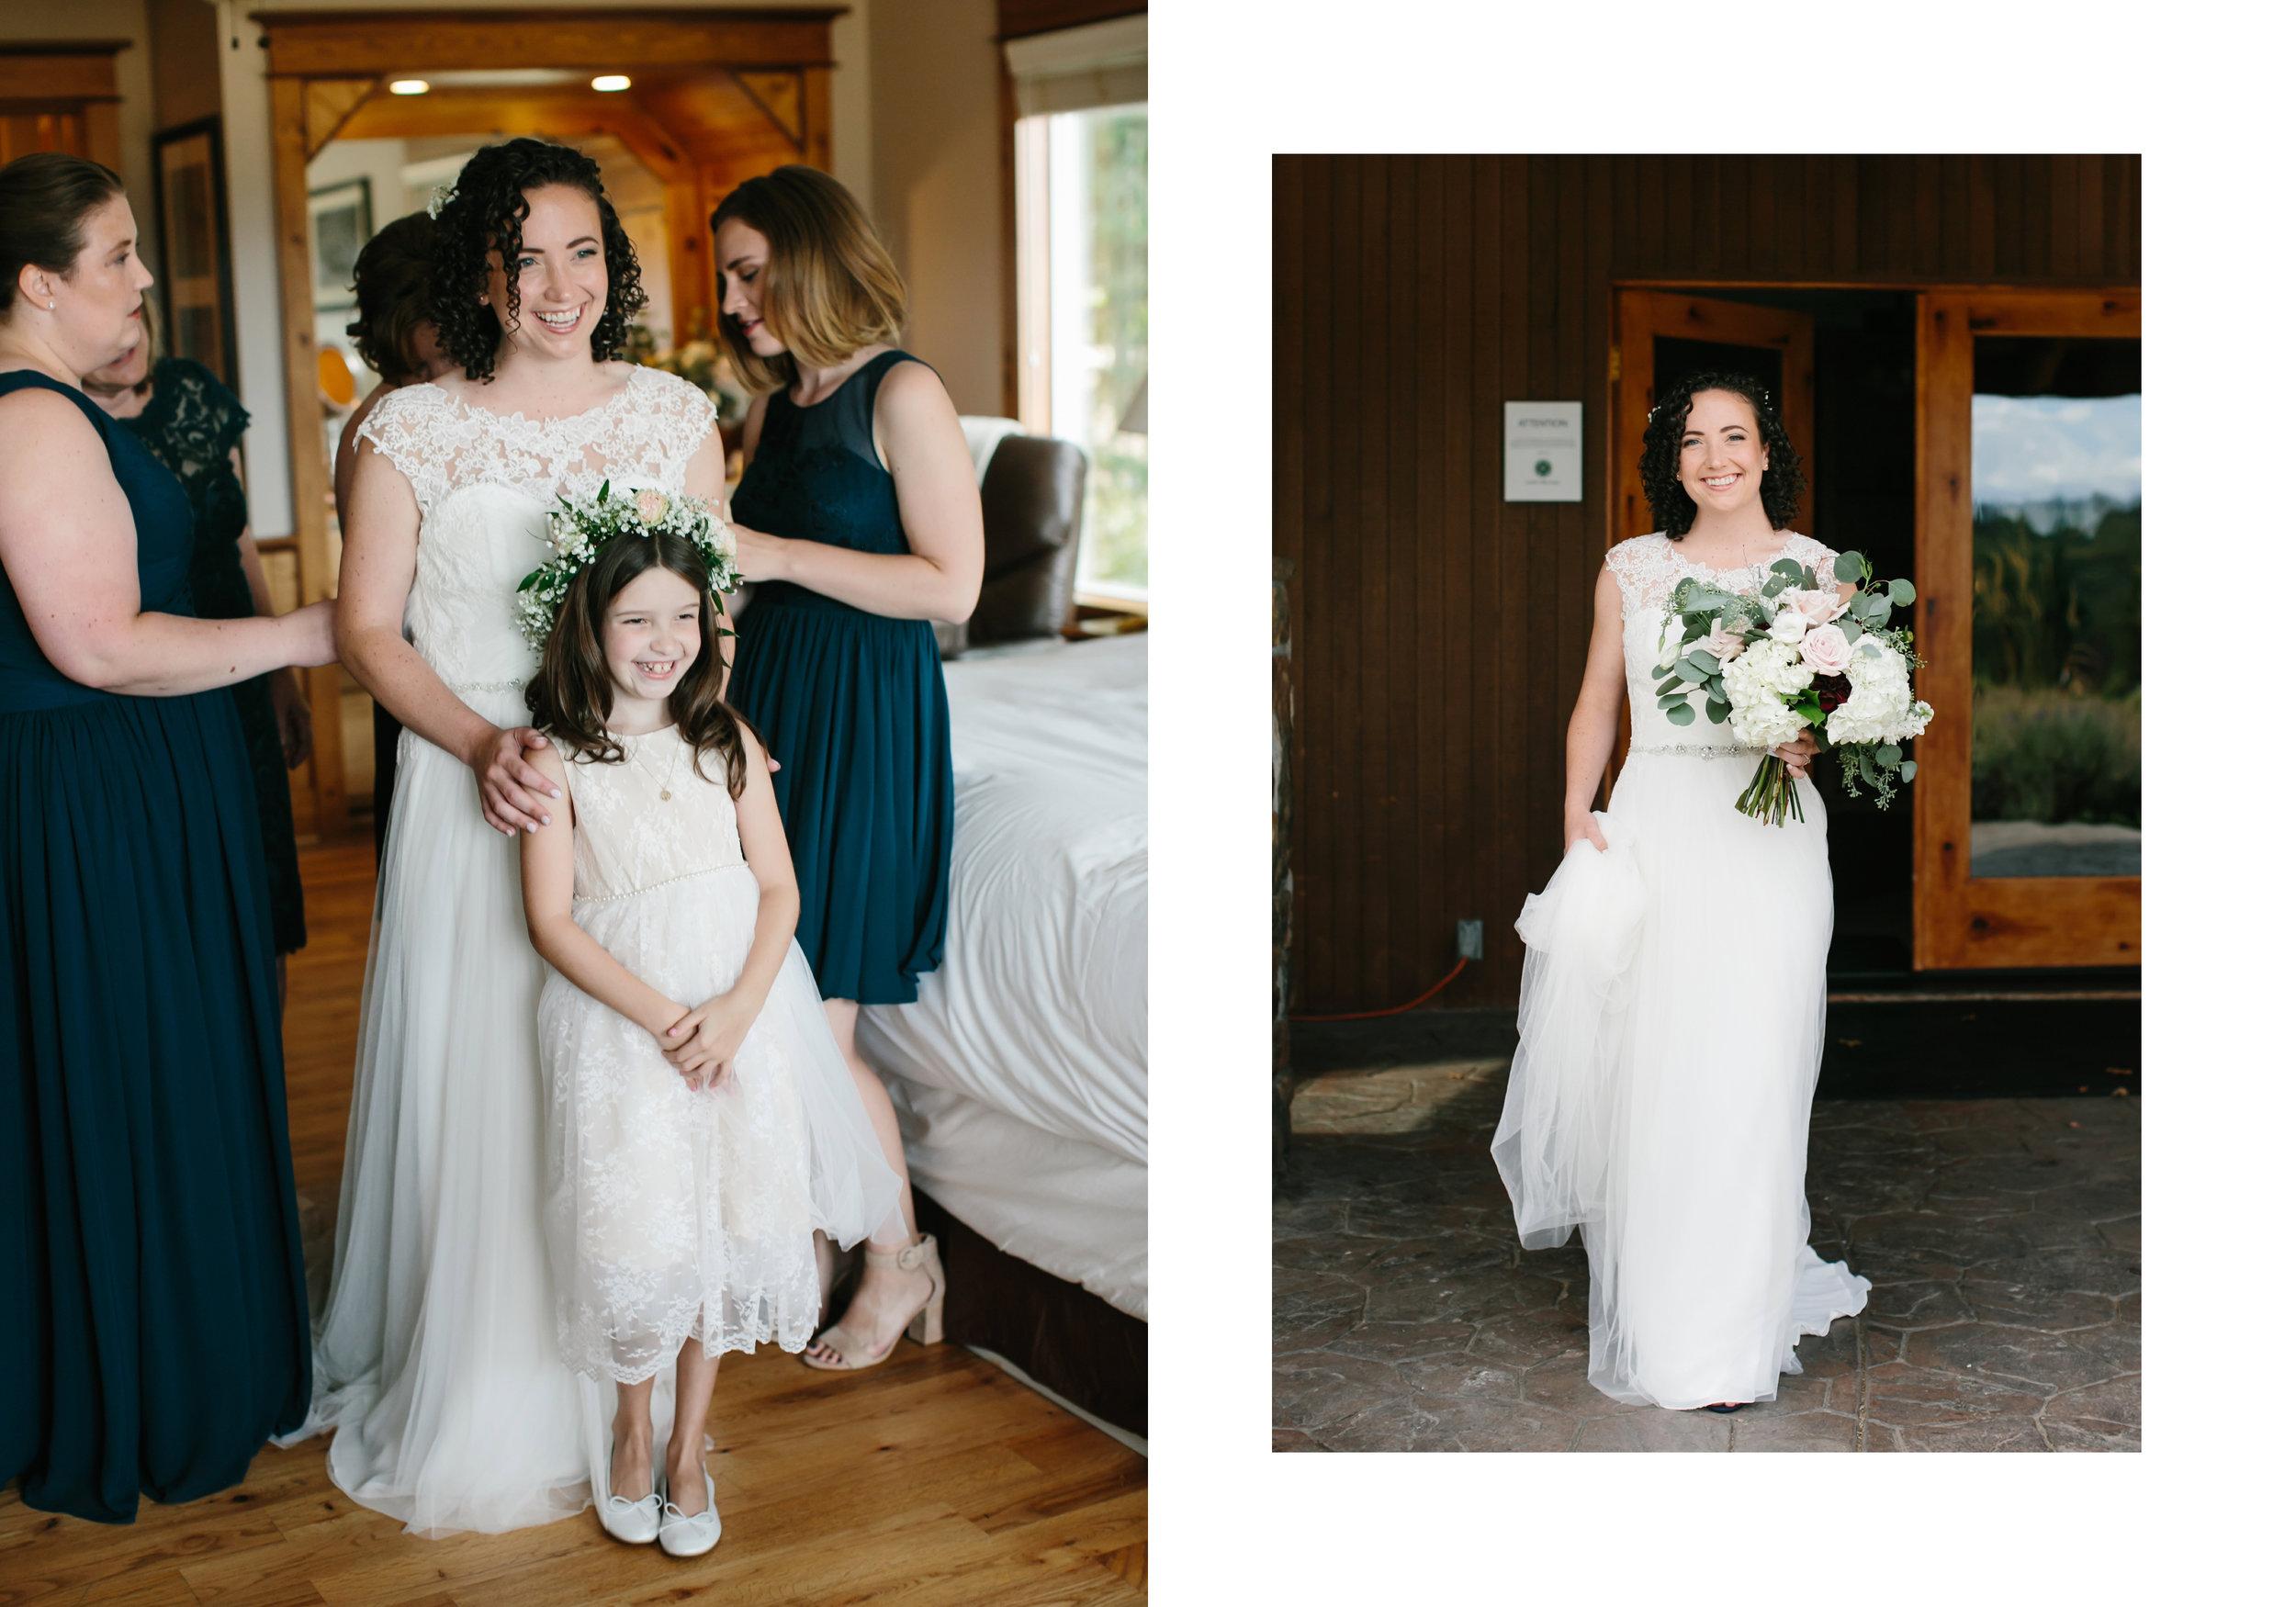 scholls-valley-lodge-wedding-photographer-ashley-courter0002.JPG